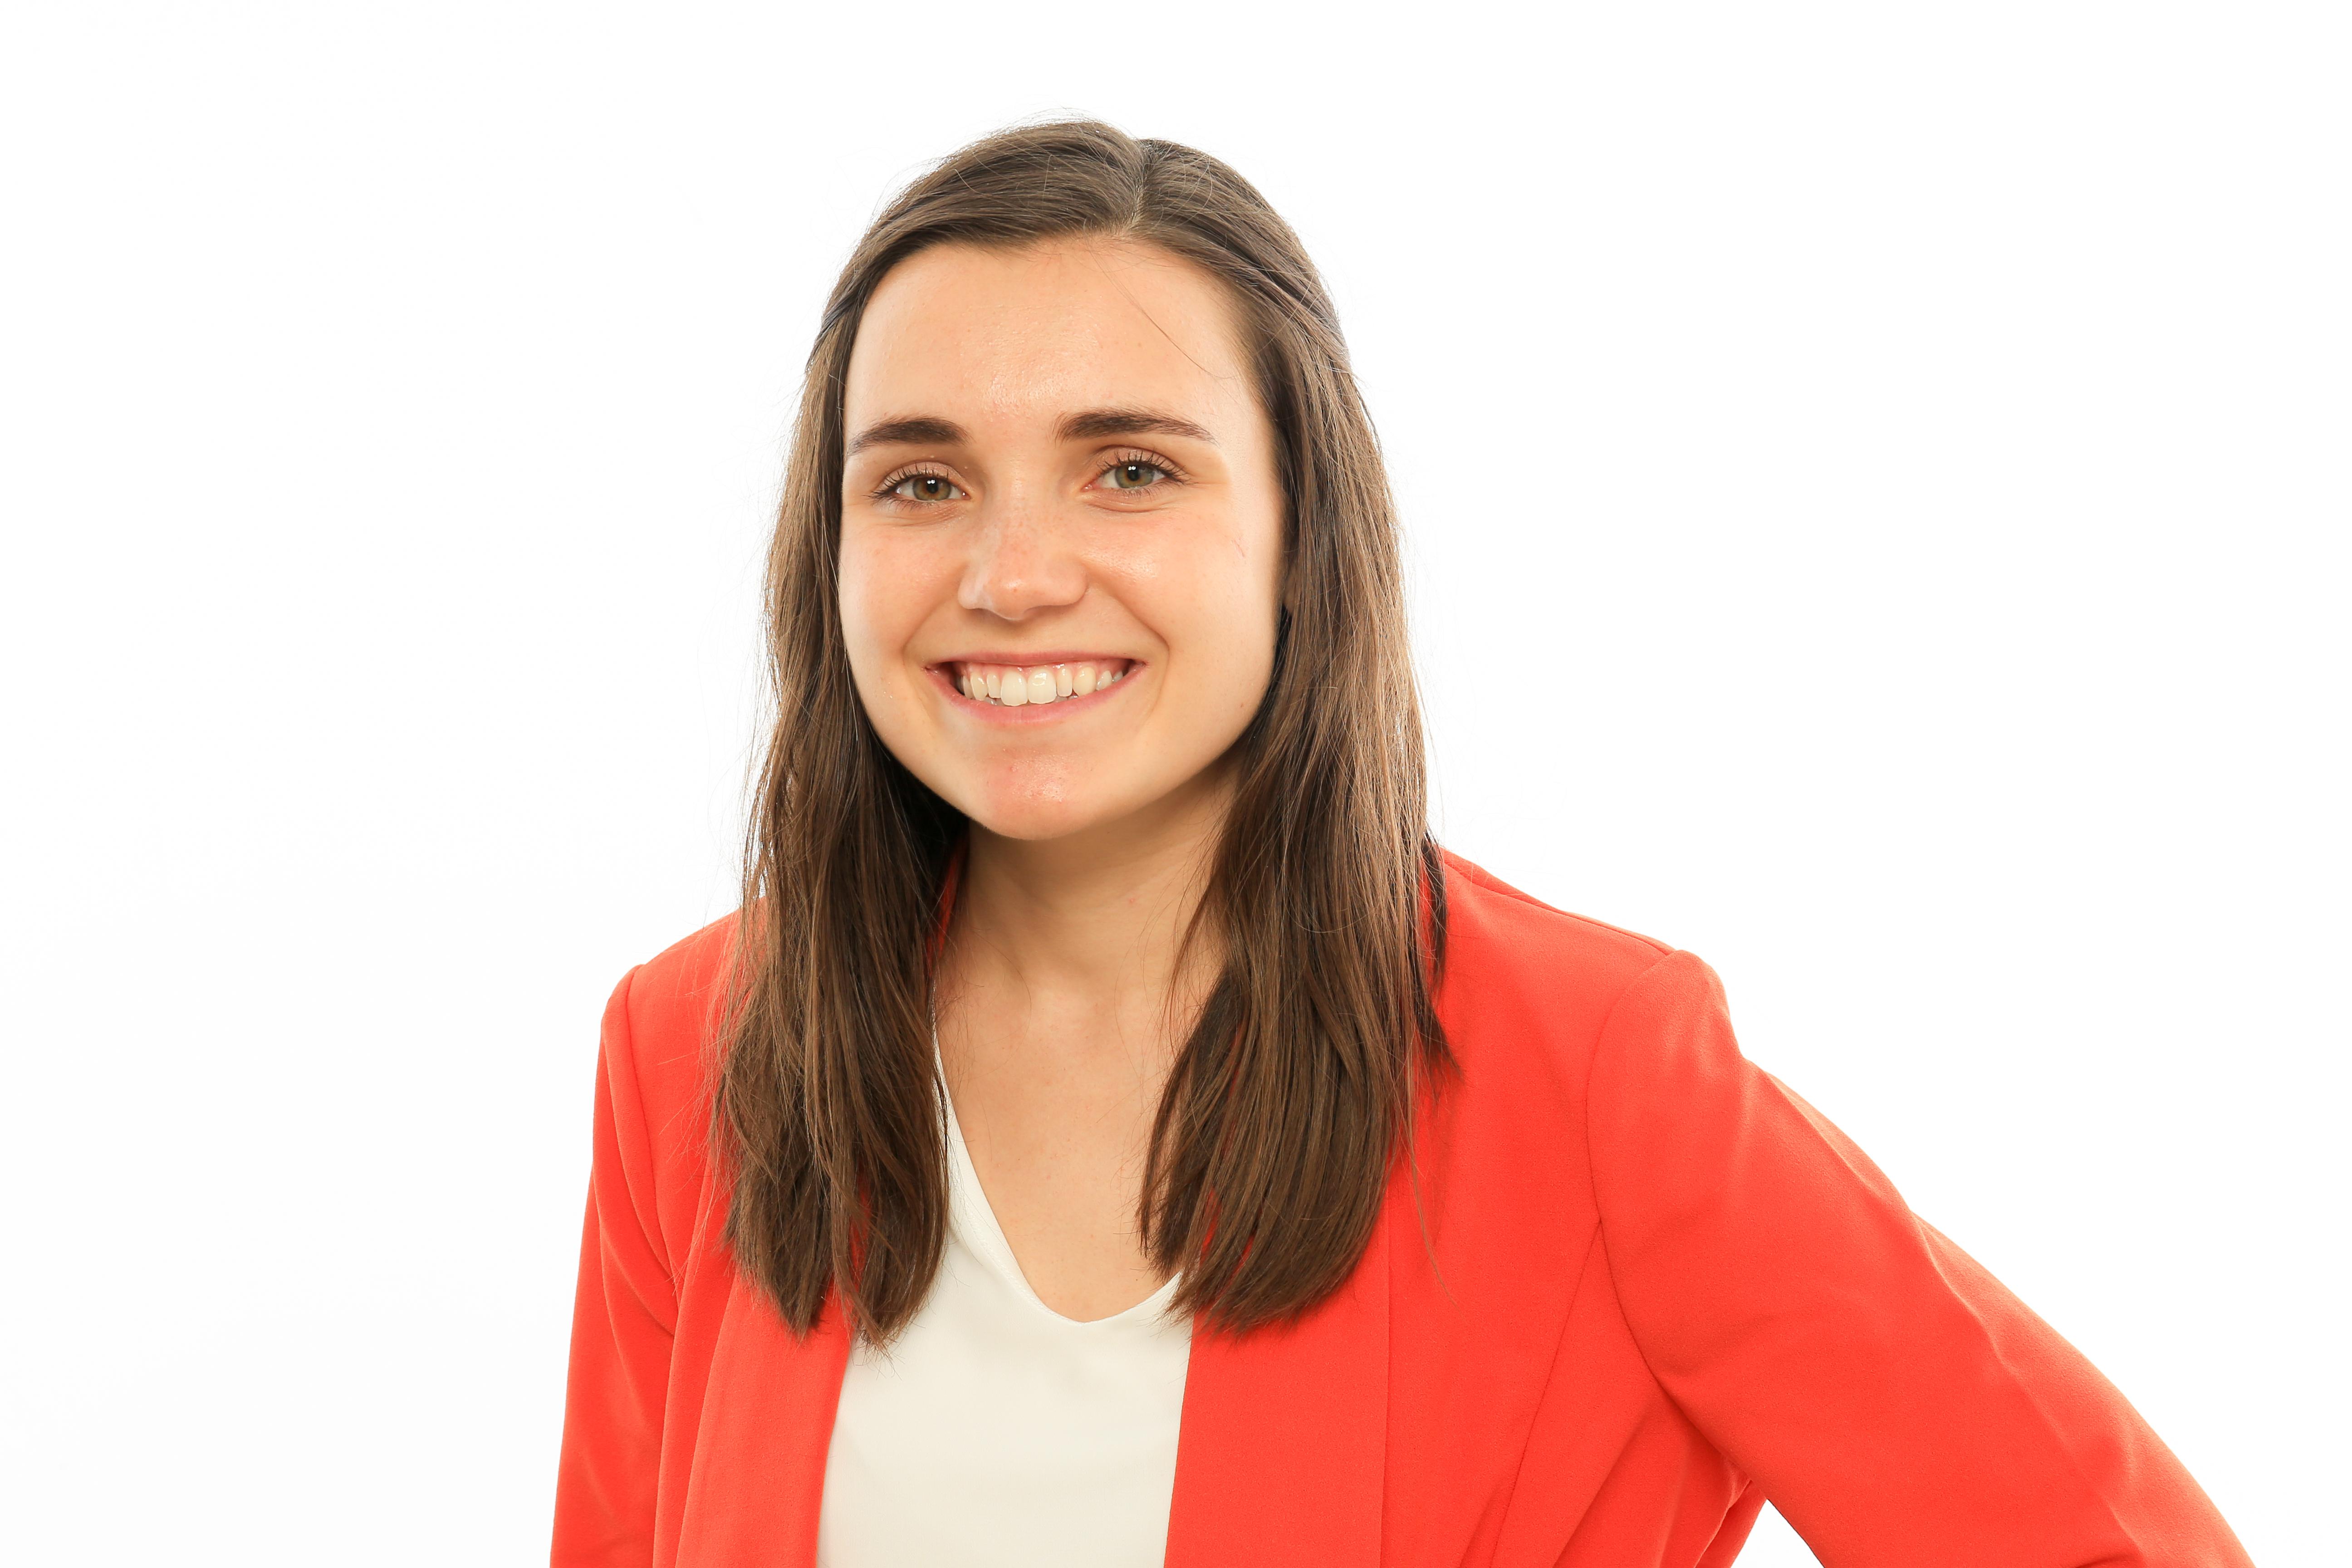 Sophia McMonagle